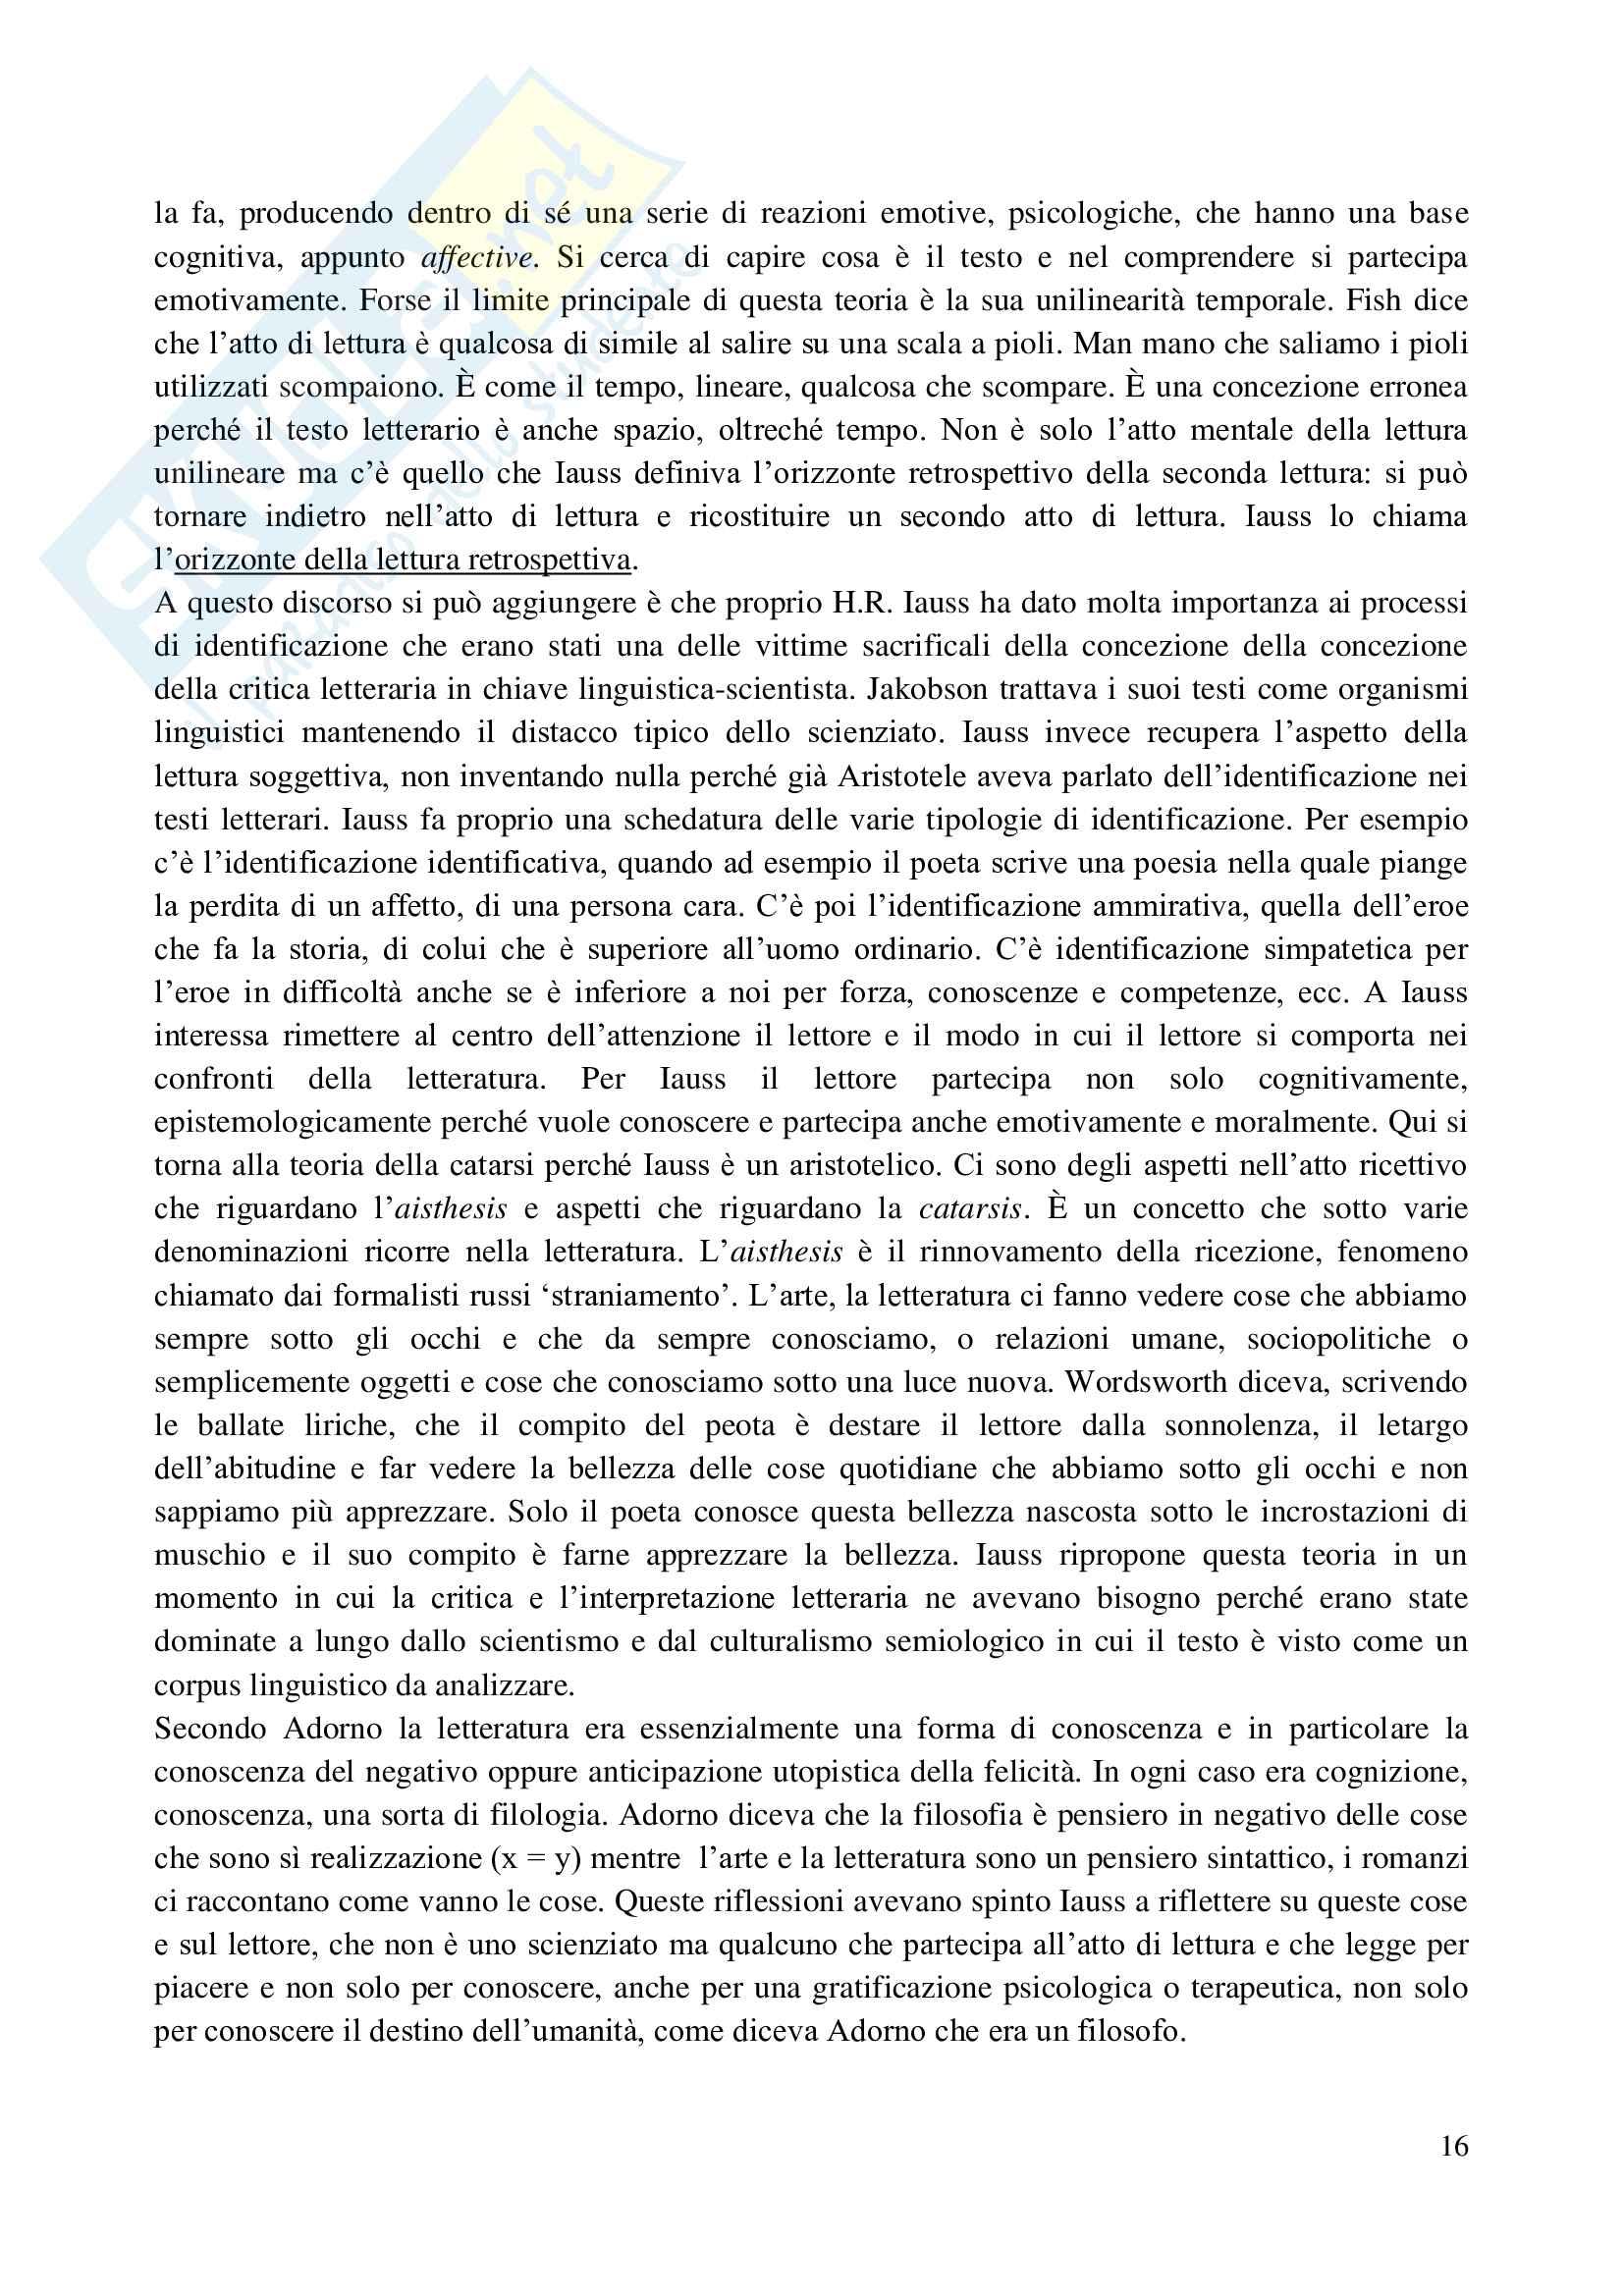 Appunti Letteratura inglese Contemporanea Teoria Critica Analisi del testo Pag. 16